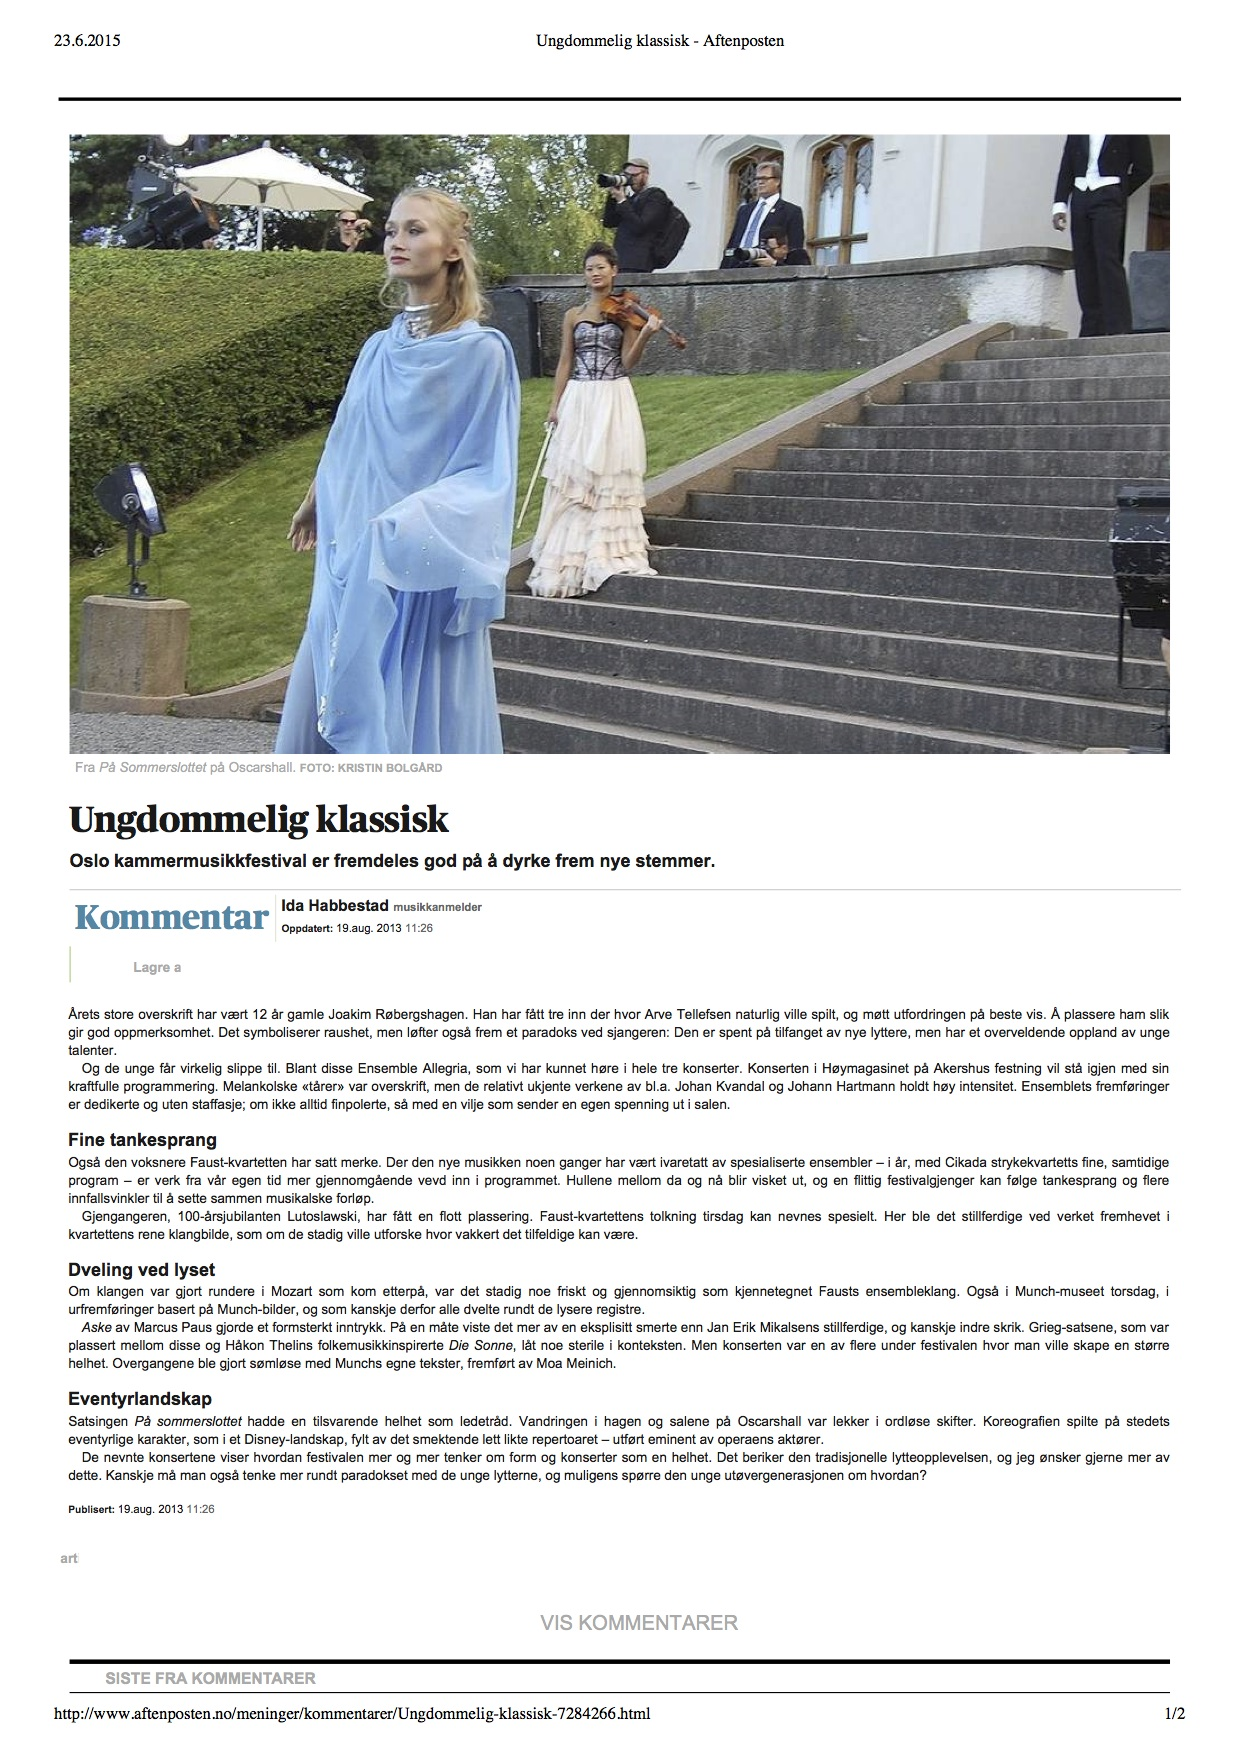 Ungdommelig klassisk - Aftenposten.jpg